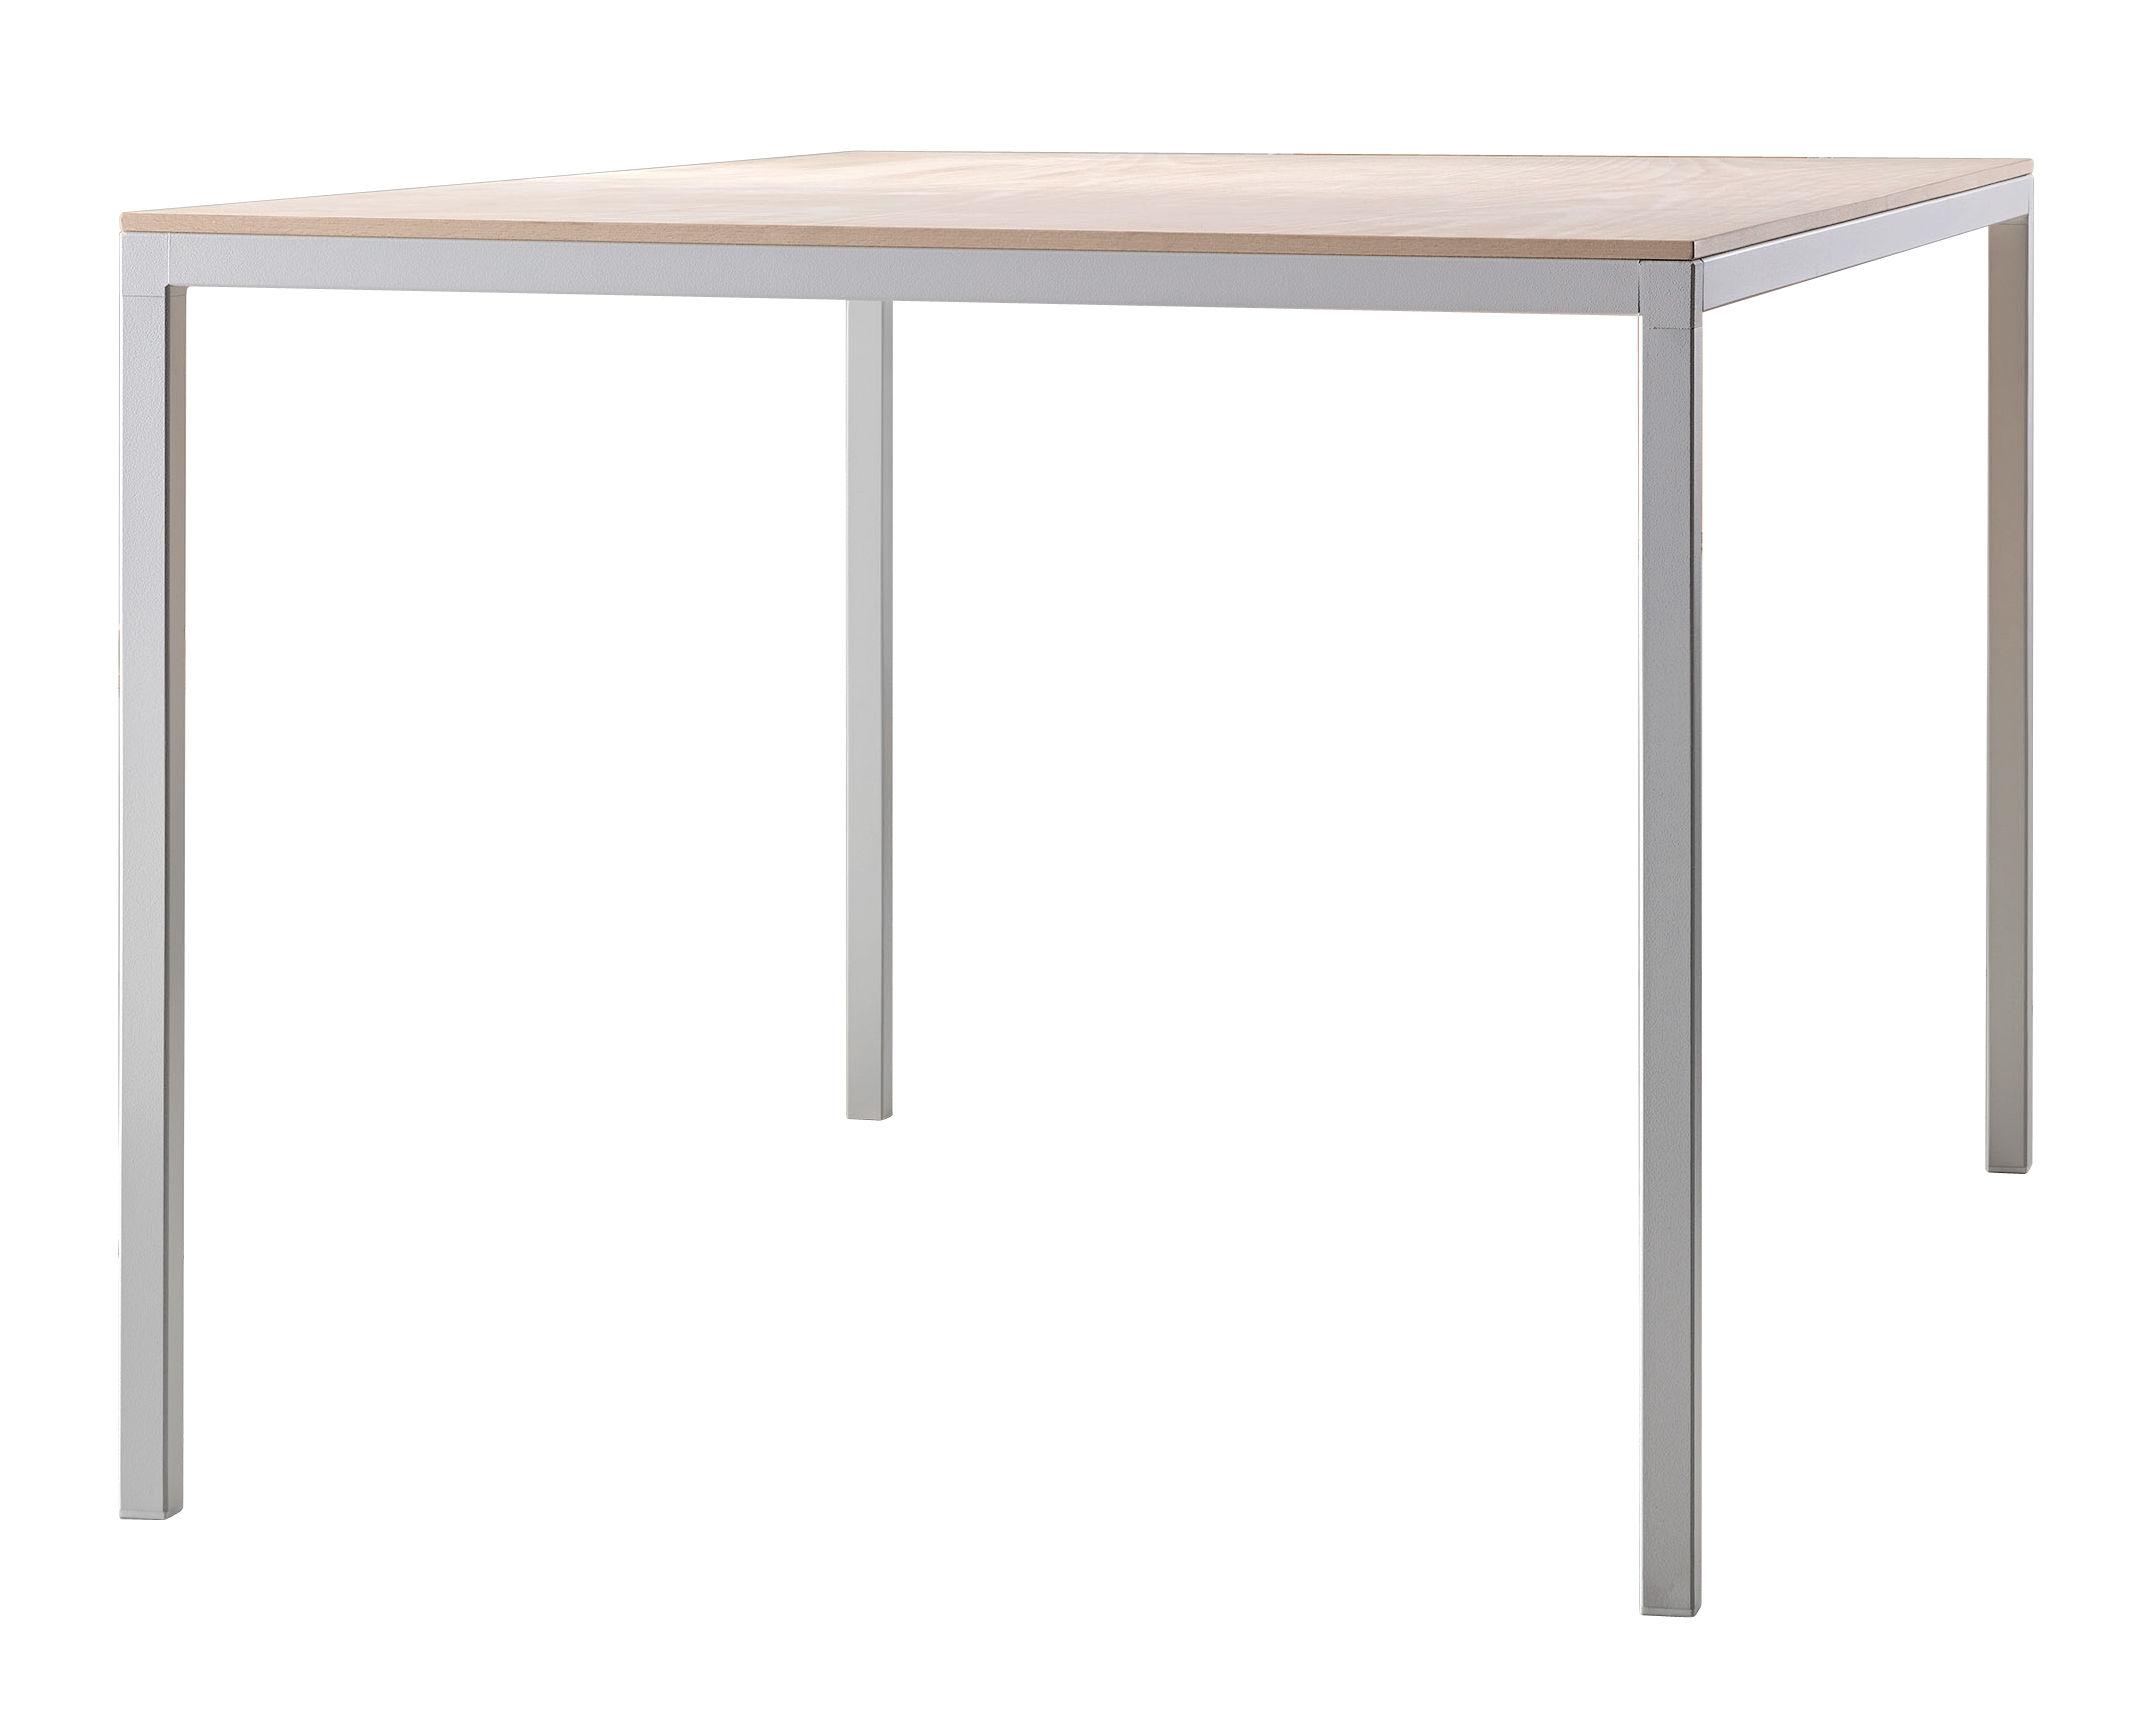 Table rectangulaire Dry / 160 x 80 cm - Plateau bois - Ondarreta blanc/bois naturel en métal/bois